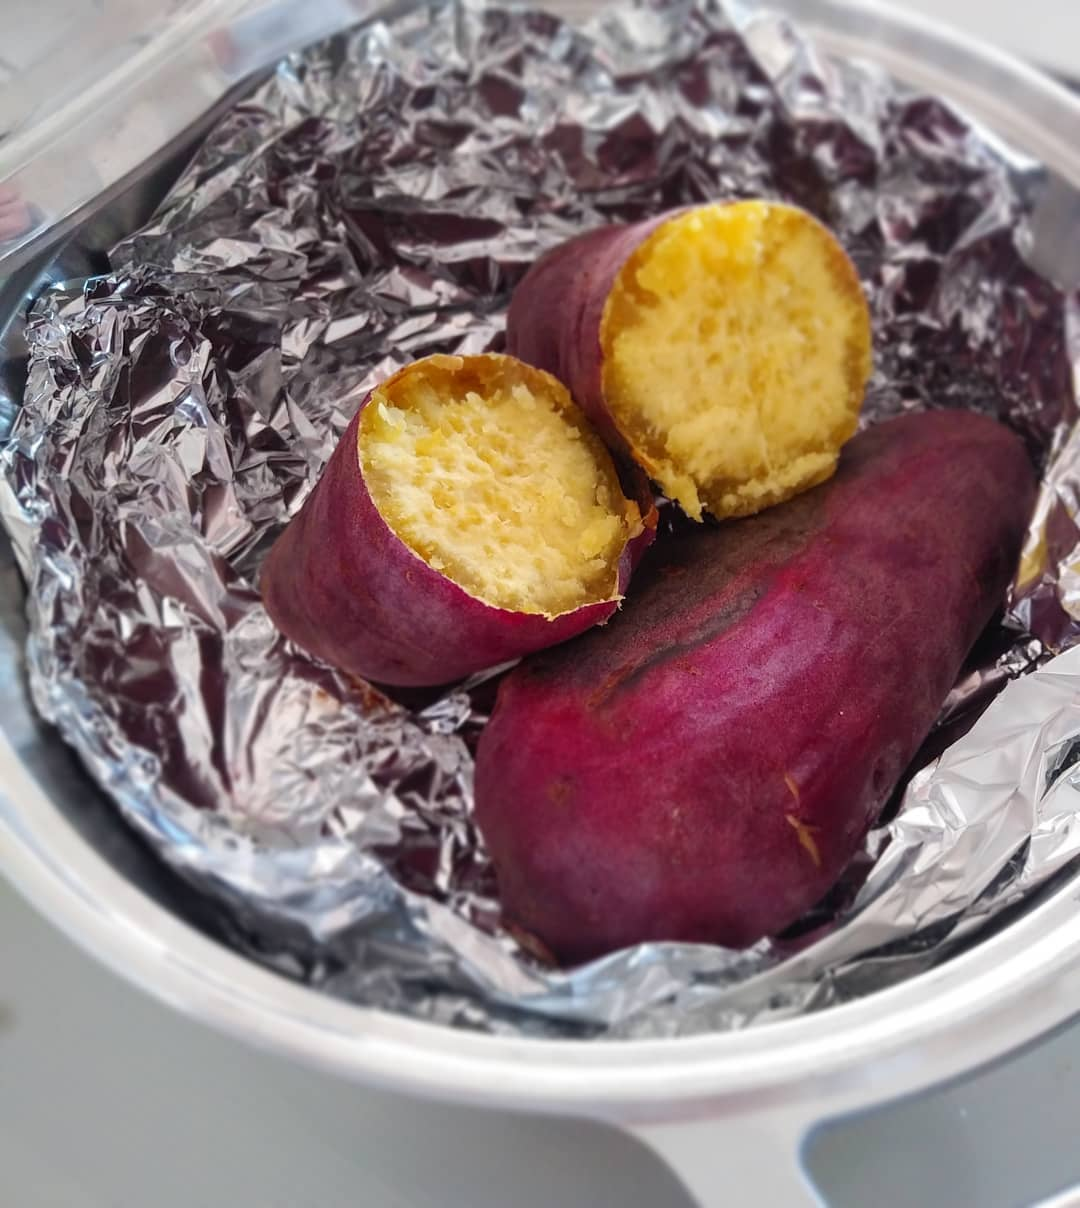 さつまいもの苗の植え付け時期ですね簡単でおいしい[焼きいも]は無水鍋の得意料理です。さつまいもを洗って アルミホイルをしき、フタをして弱火で加熱,30~40分ほどそのまま焼けば、出来上がり!(途中で一度ひっくり返します️) [炊く、蒸す、煮る、茹でる、焼く、炒める、揚げる、天火]1つで8通りの調理法が楽しめる無水鍋。 【KING無水鍋】ストーブハウス原村店にて販売しております。~おうちごはんを楽しもう~#ストーブハウス原村#原村#八ヶ岳#キッチン道具#無水鍋#無水料理#さつまいも#焼きいも#ホクホク#薪ストーブのある暮らし #おうちの時間 #おうちごはんを楽しもう#美味しい暮らし